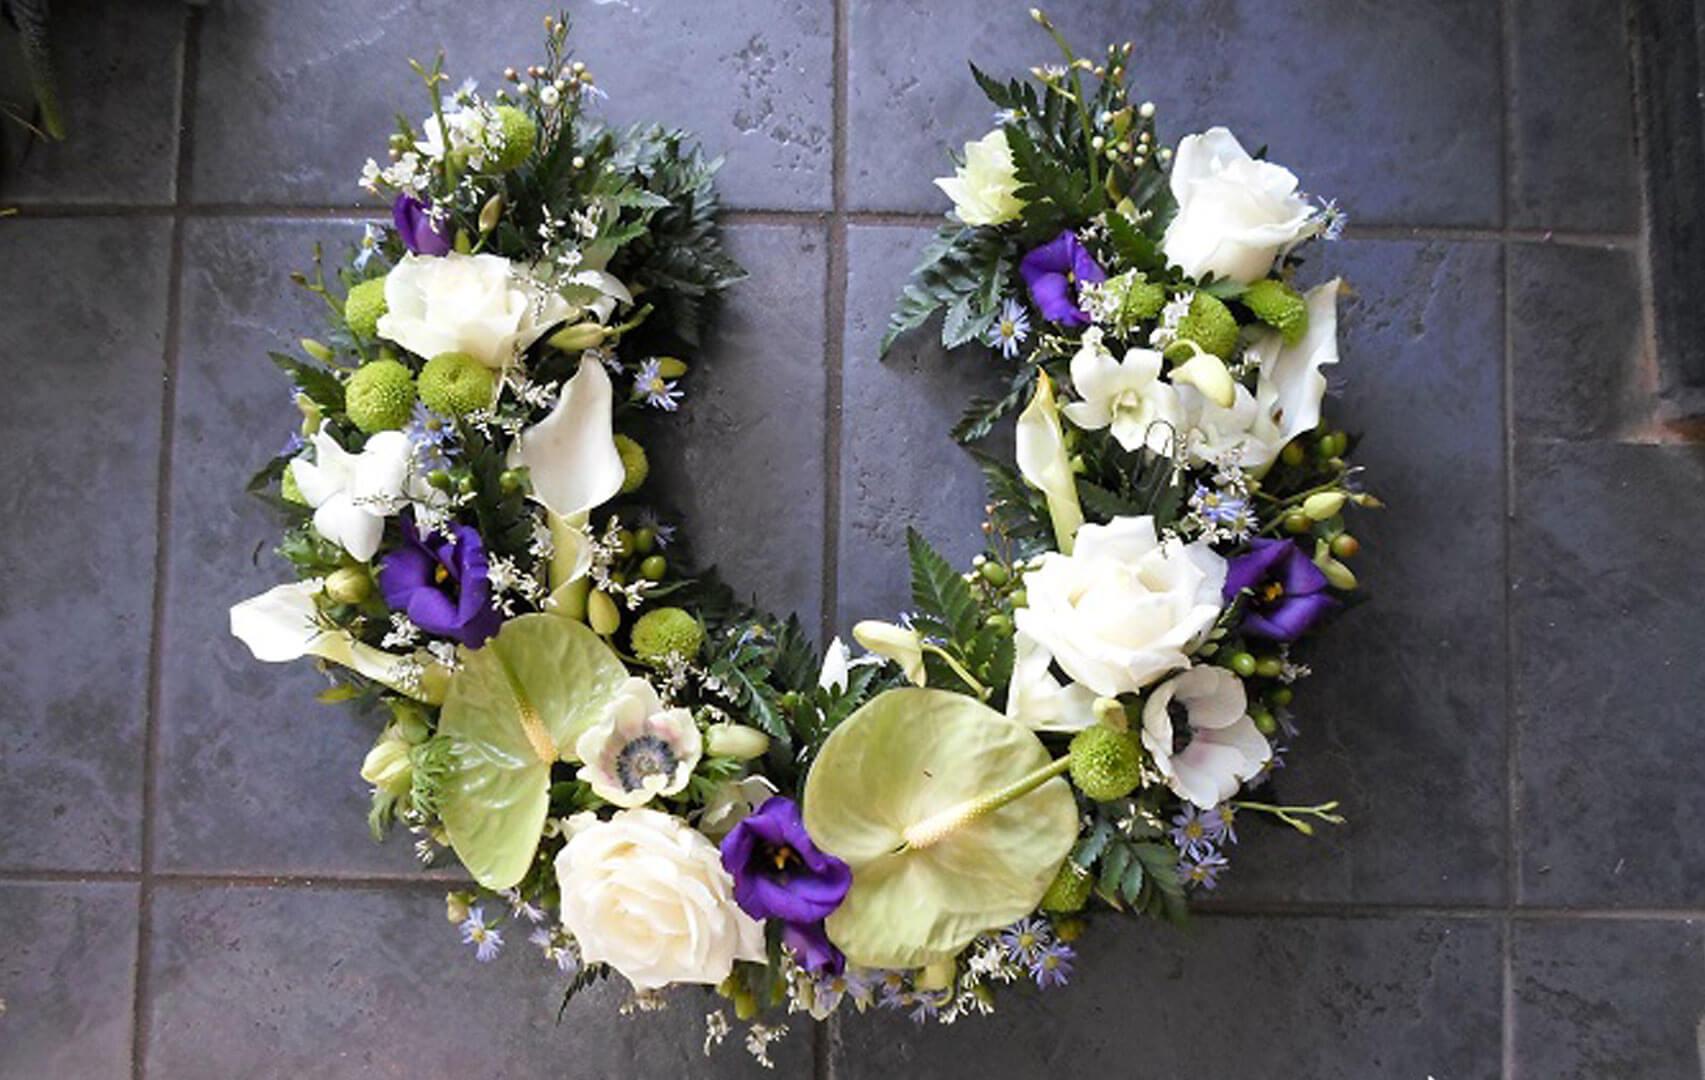 Funerals-Gallery-14